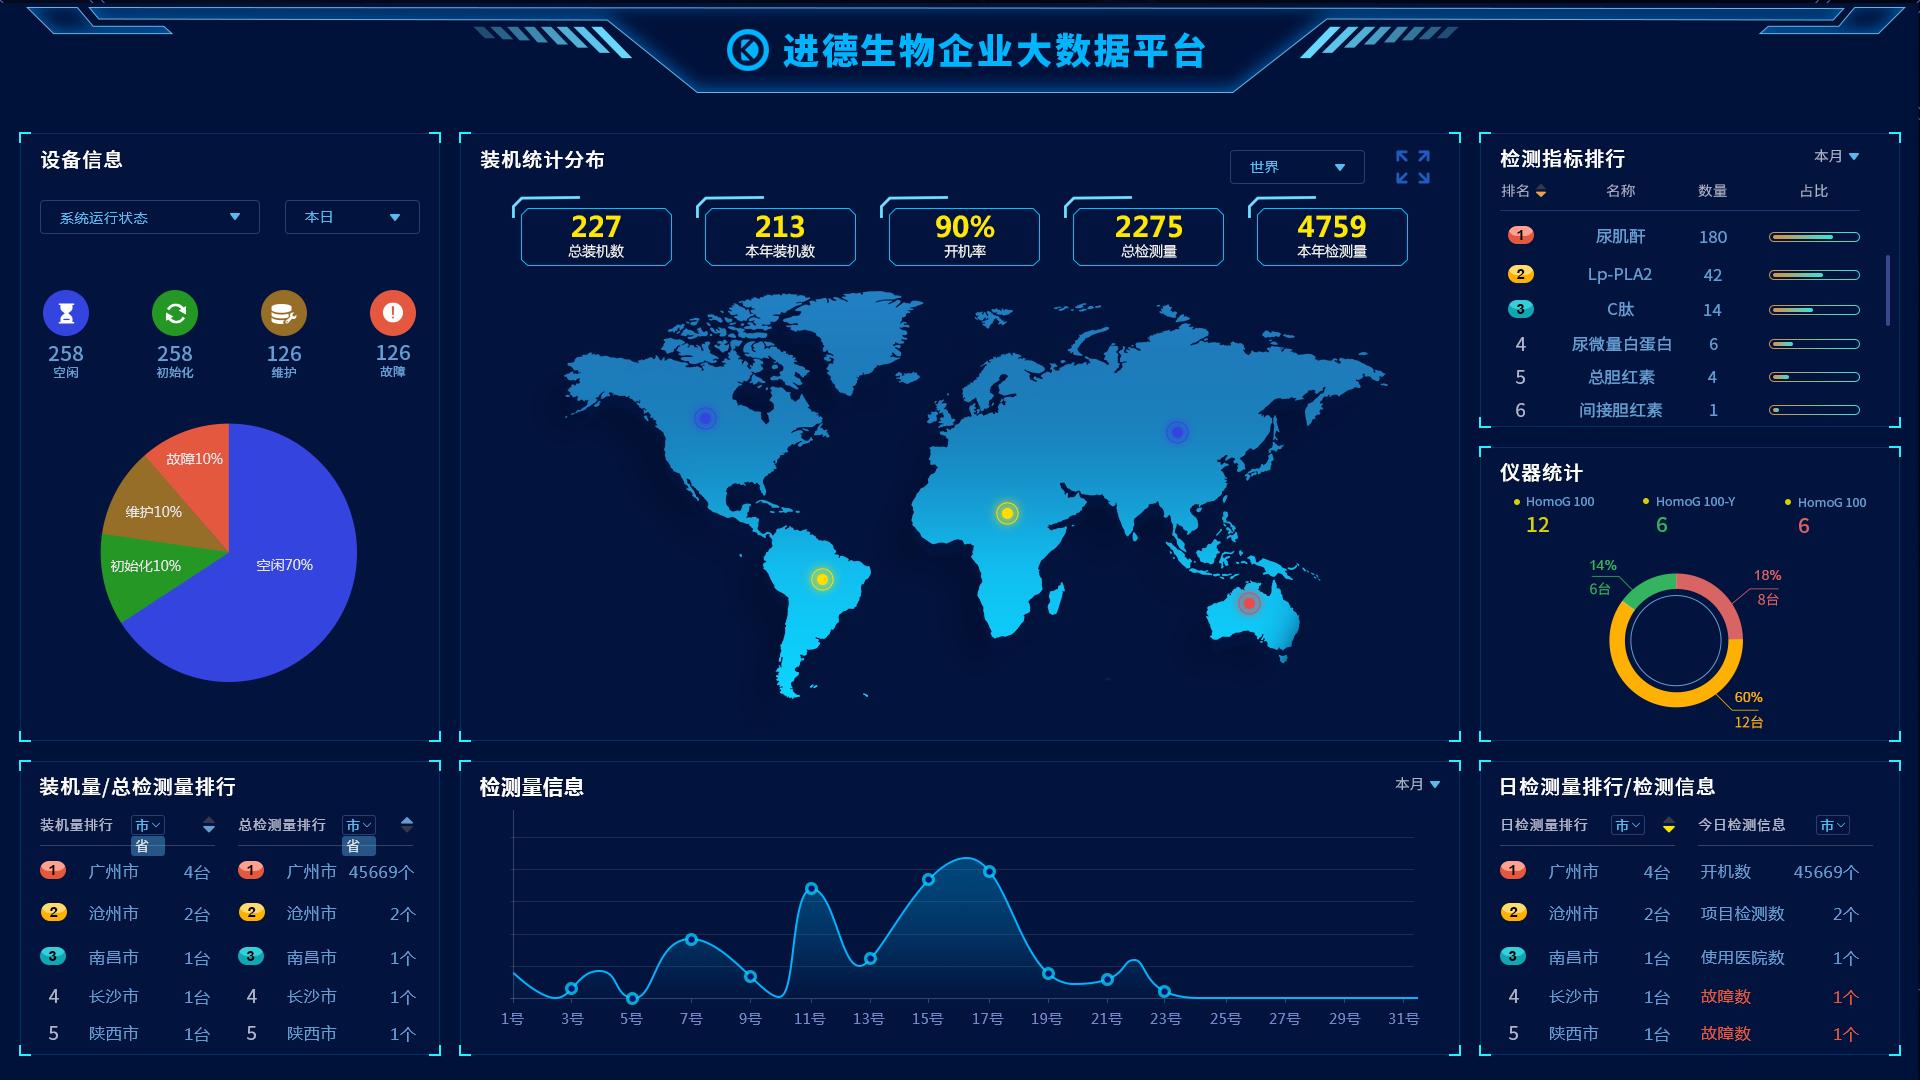 智能智慧大数据网页设计数据可视化大数据UI设计大屏界面页面